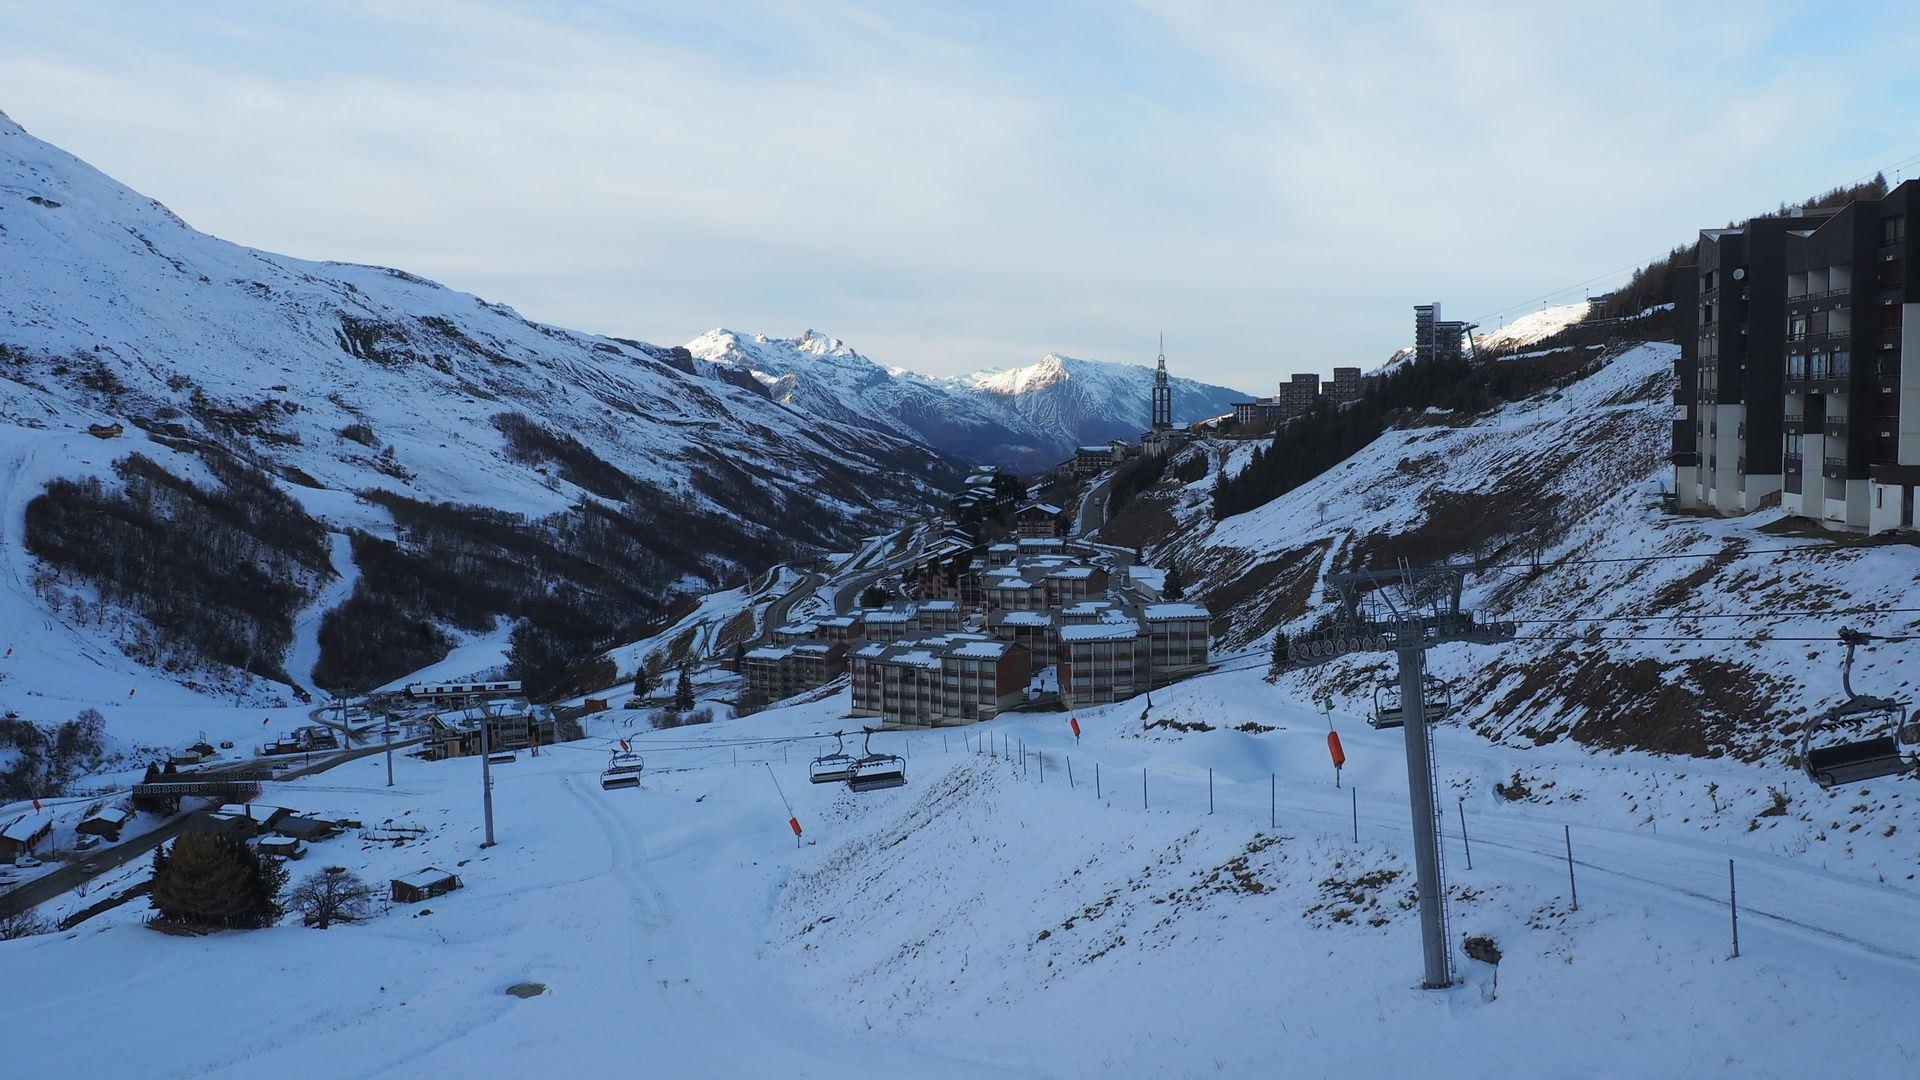 4 Pers Studio Cabin ski-in ski-out / SKI SOLEIL 1605